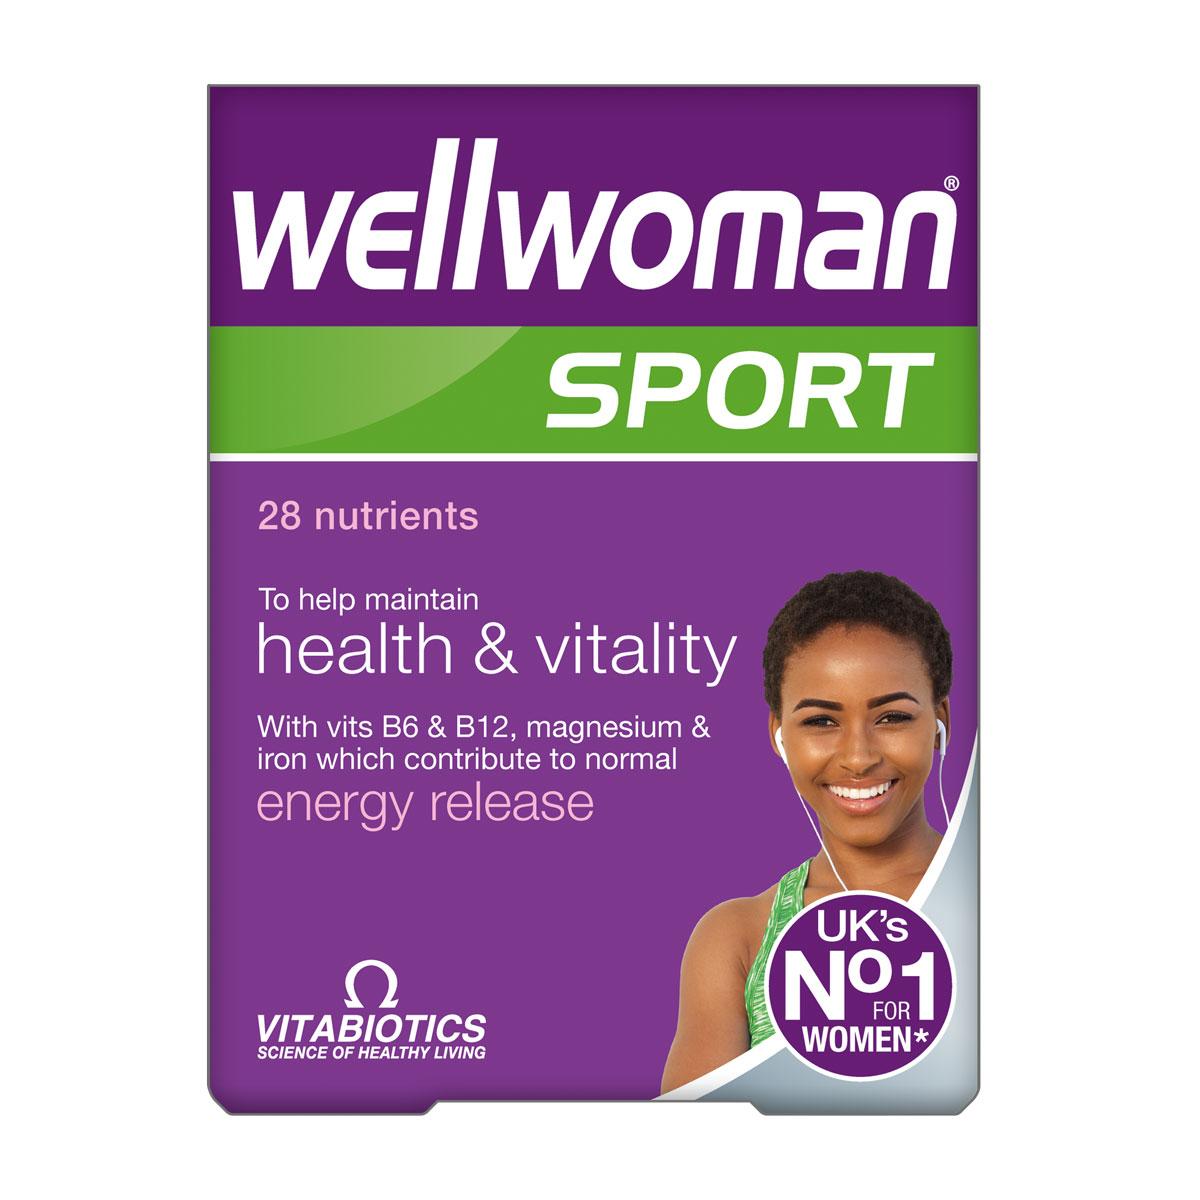 Wellwoman Sport